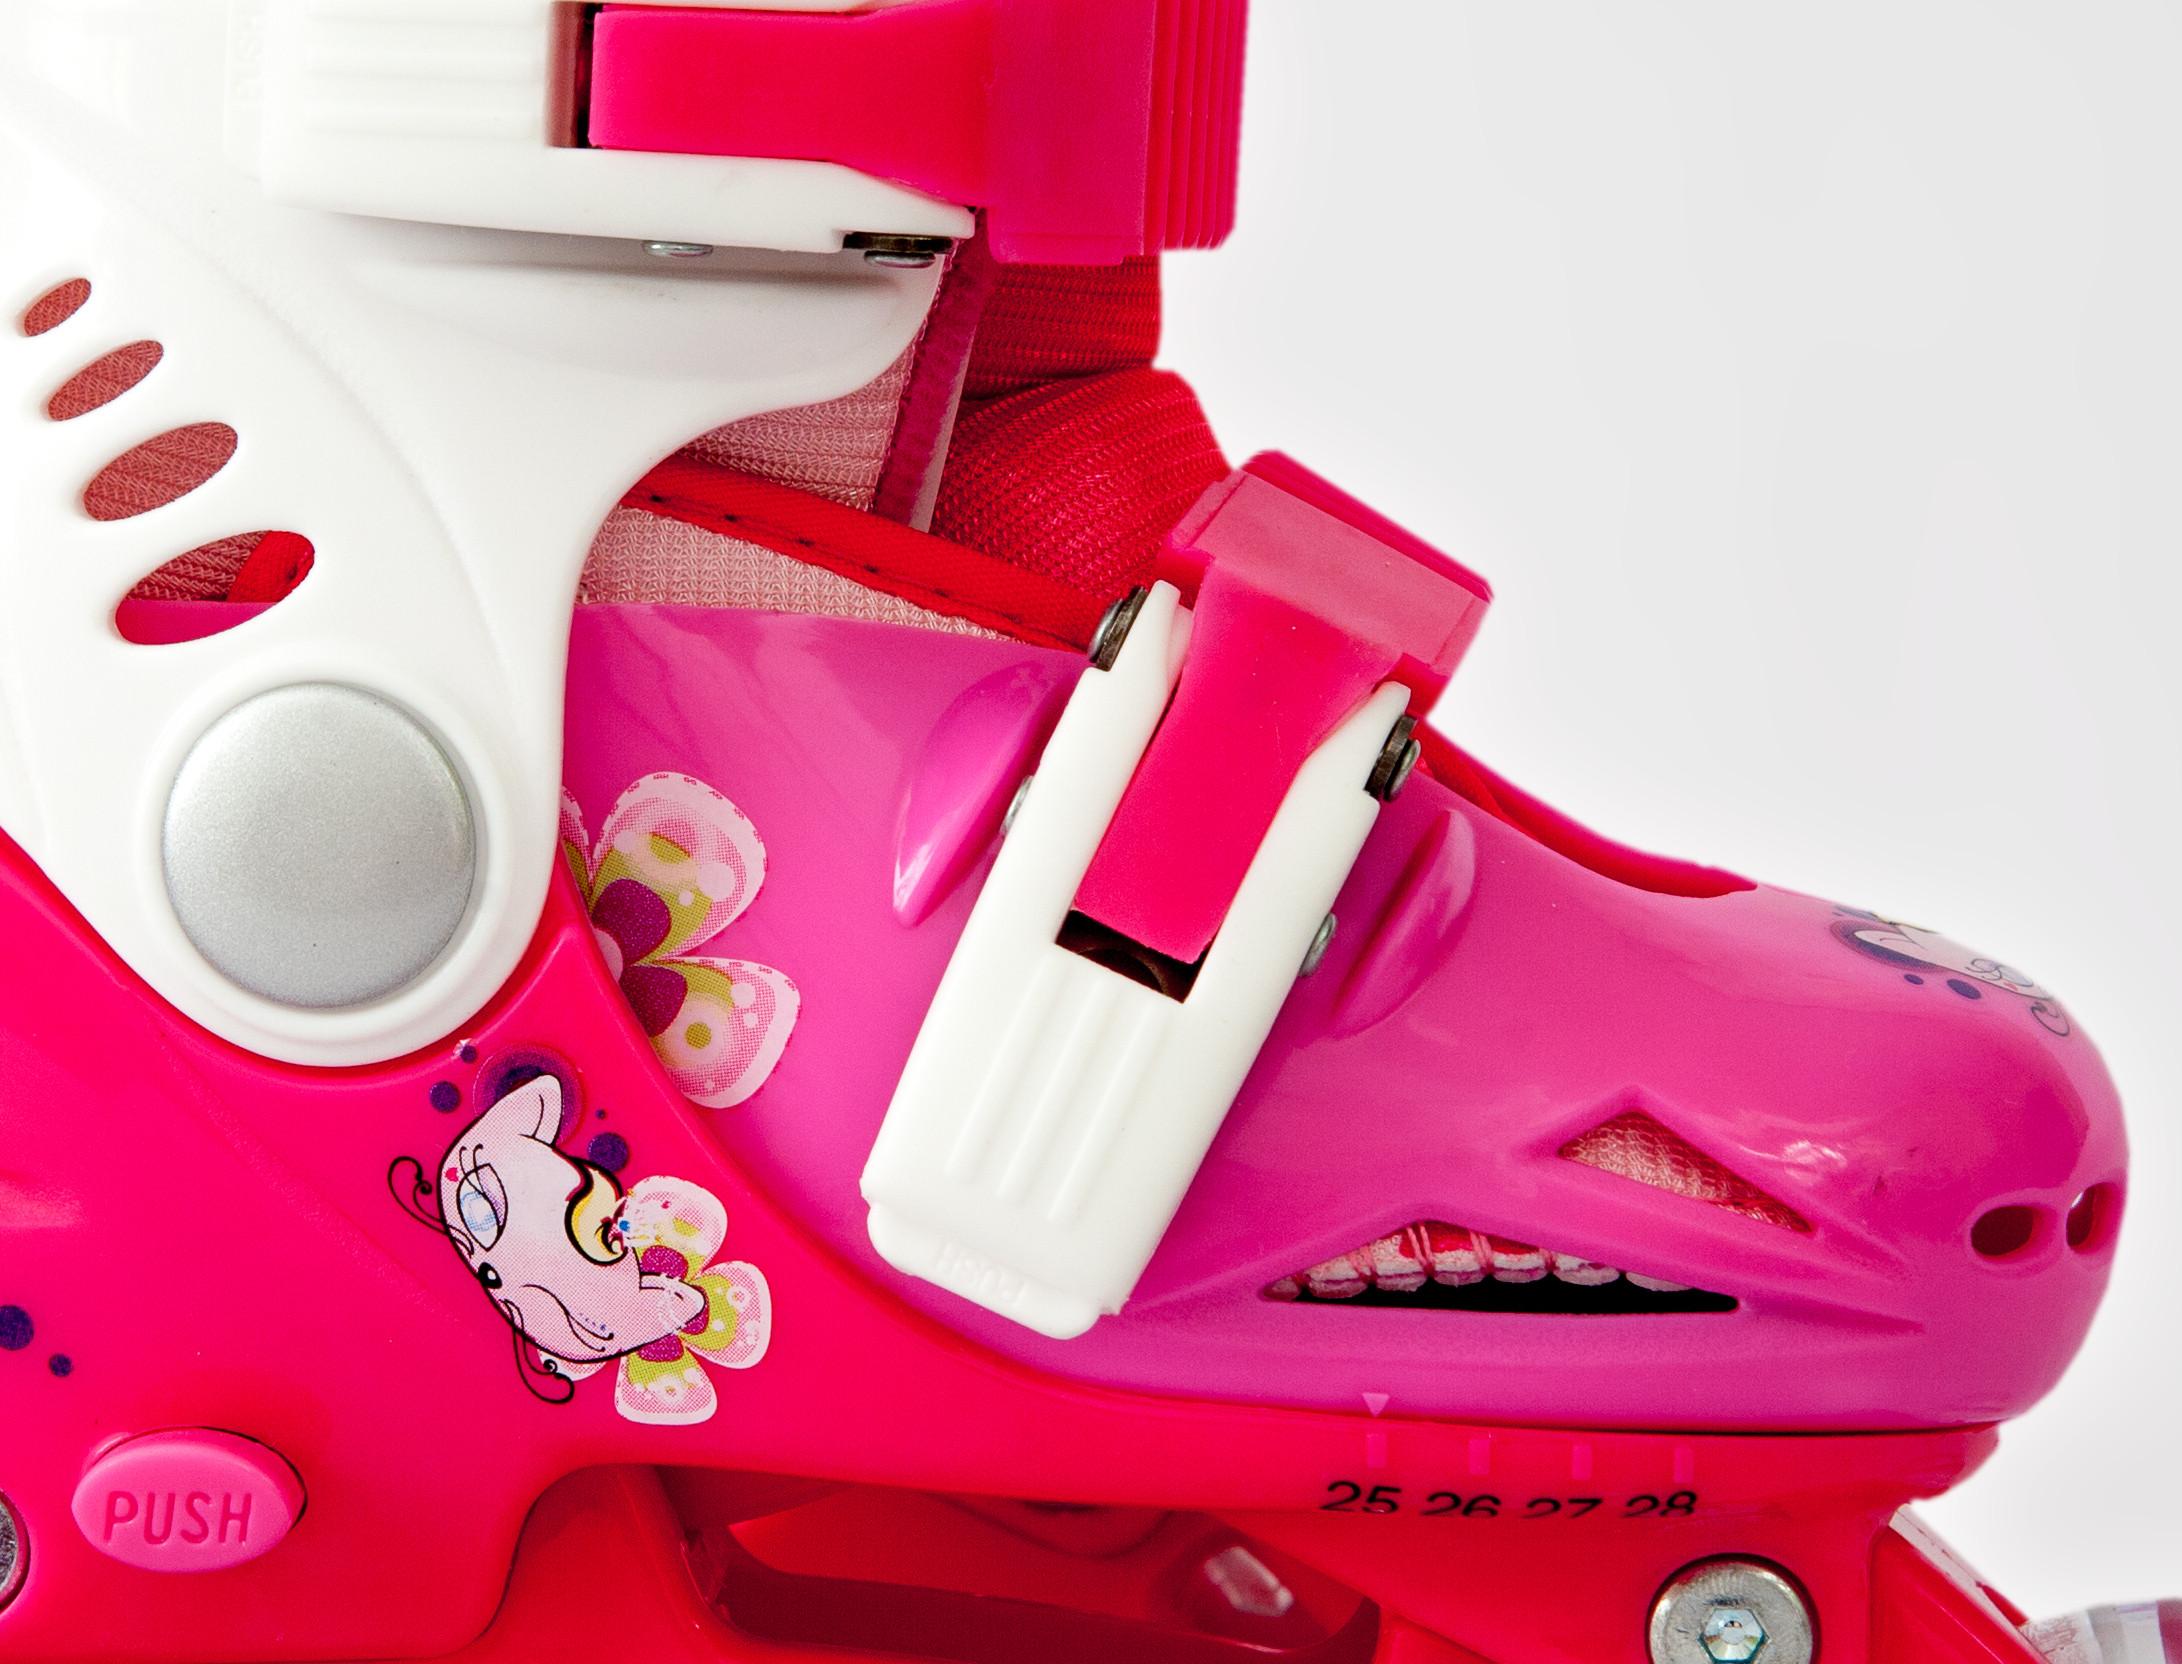 Ролики детские 26 размер, для обучения (трансформеры, раздвижной ботинок) MagicWheels розовые, - фото 2